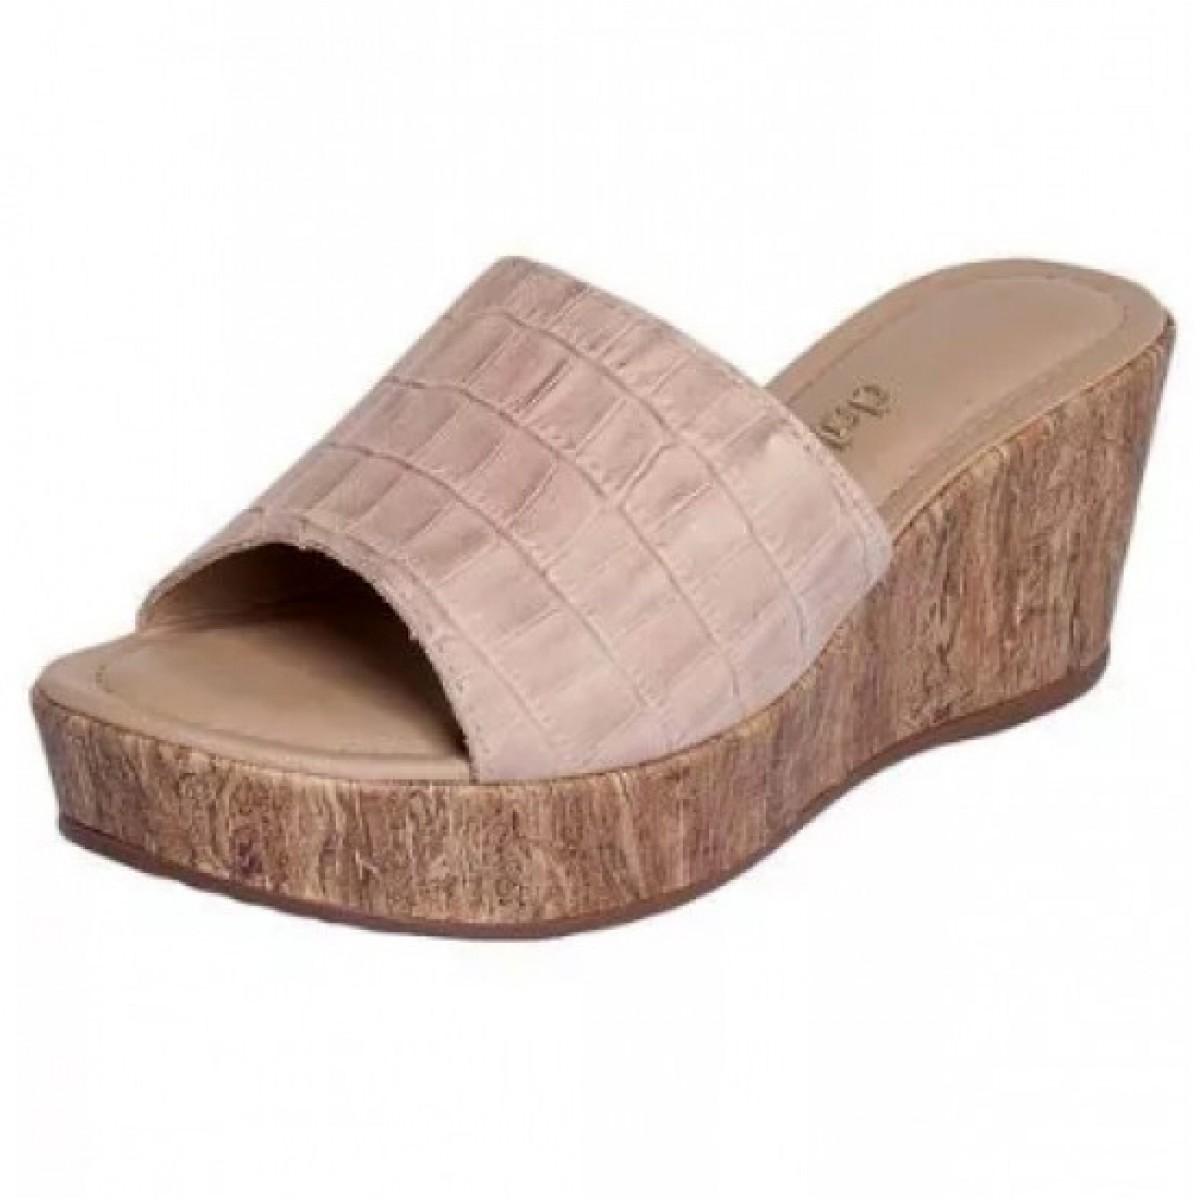 f8bc18bffc Tamanco Feminino Dakota Anabela Fibra Marfim - Compre Agora